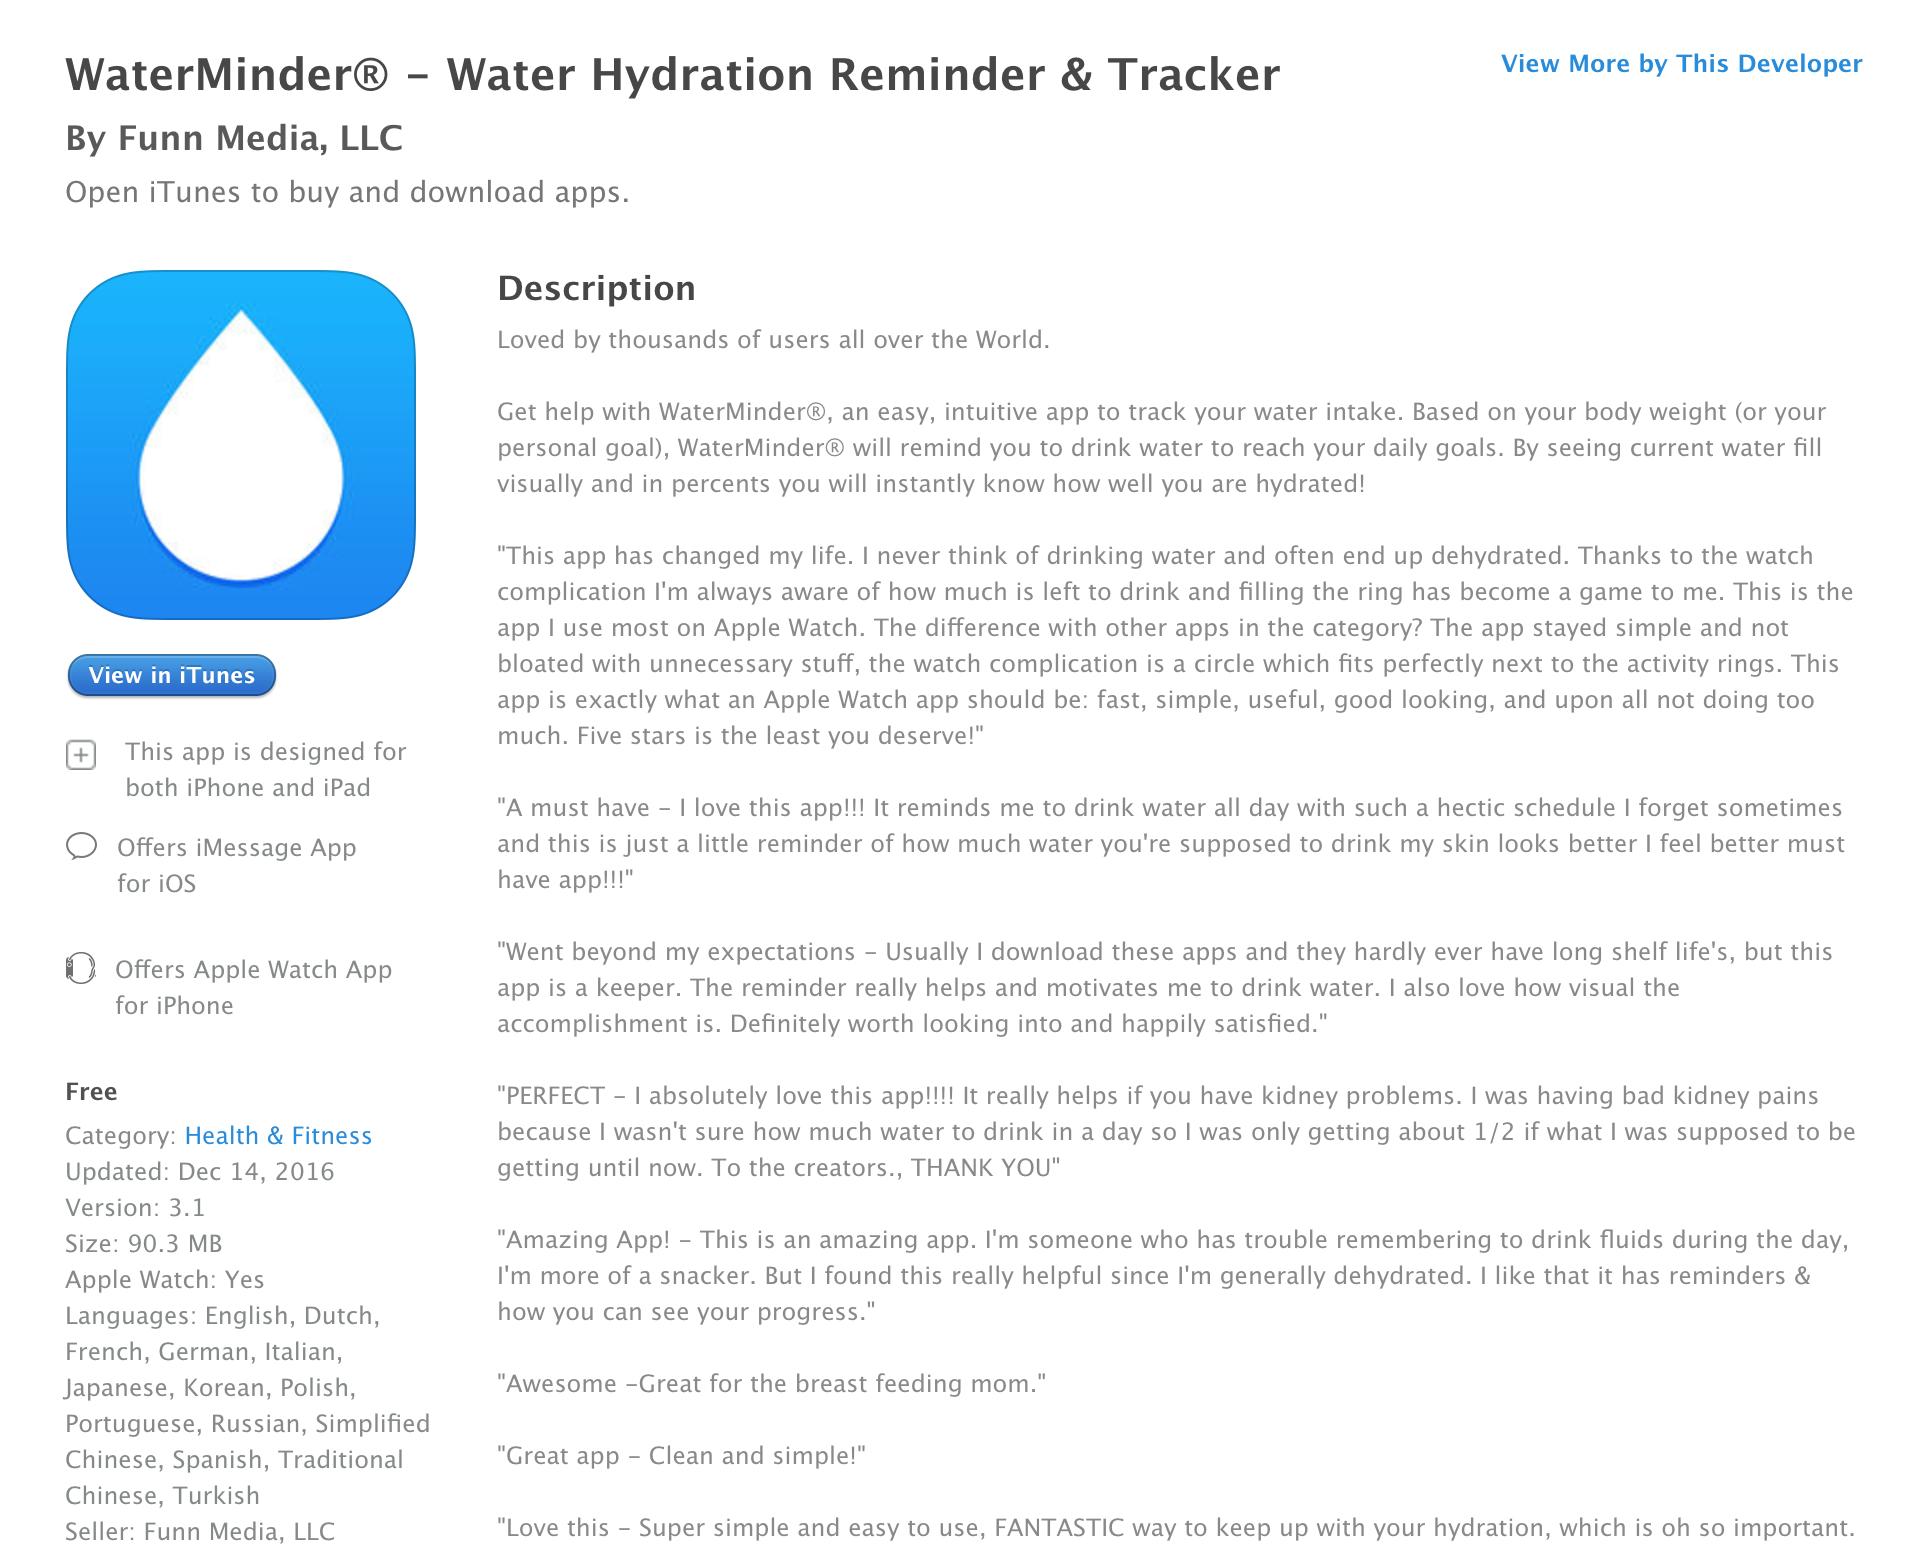 water-minder-free-017